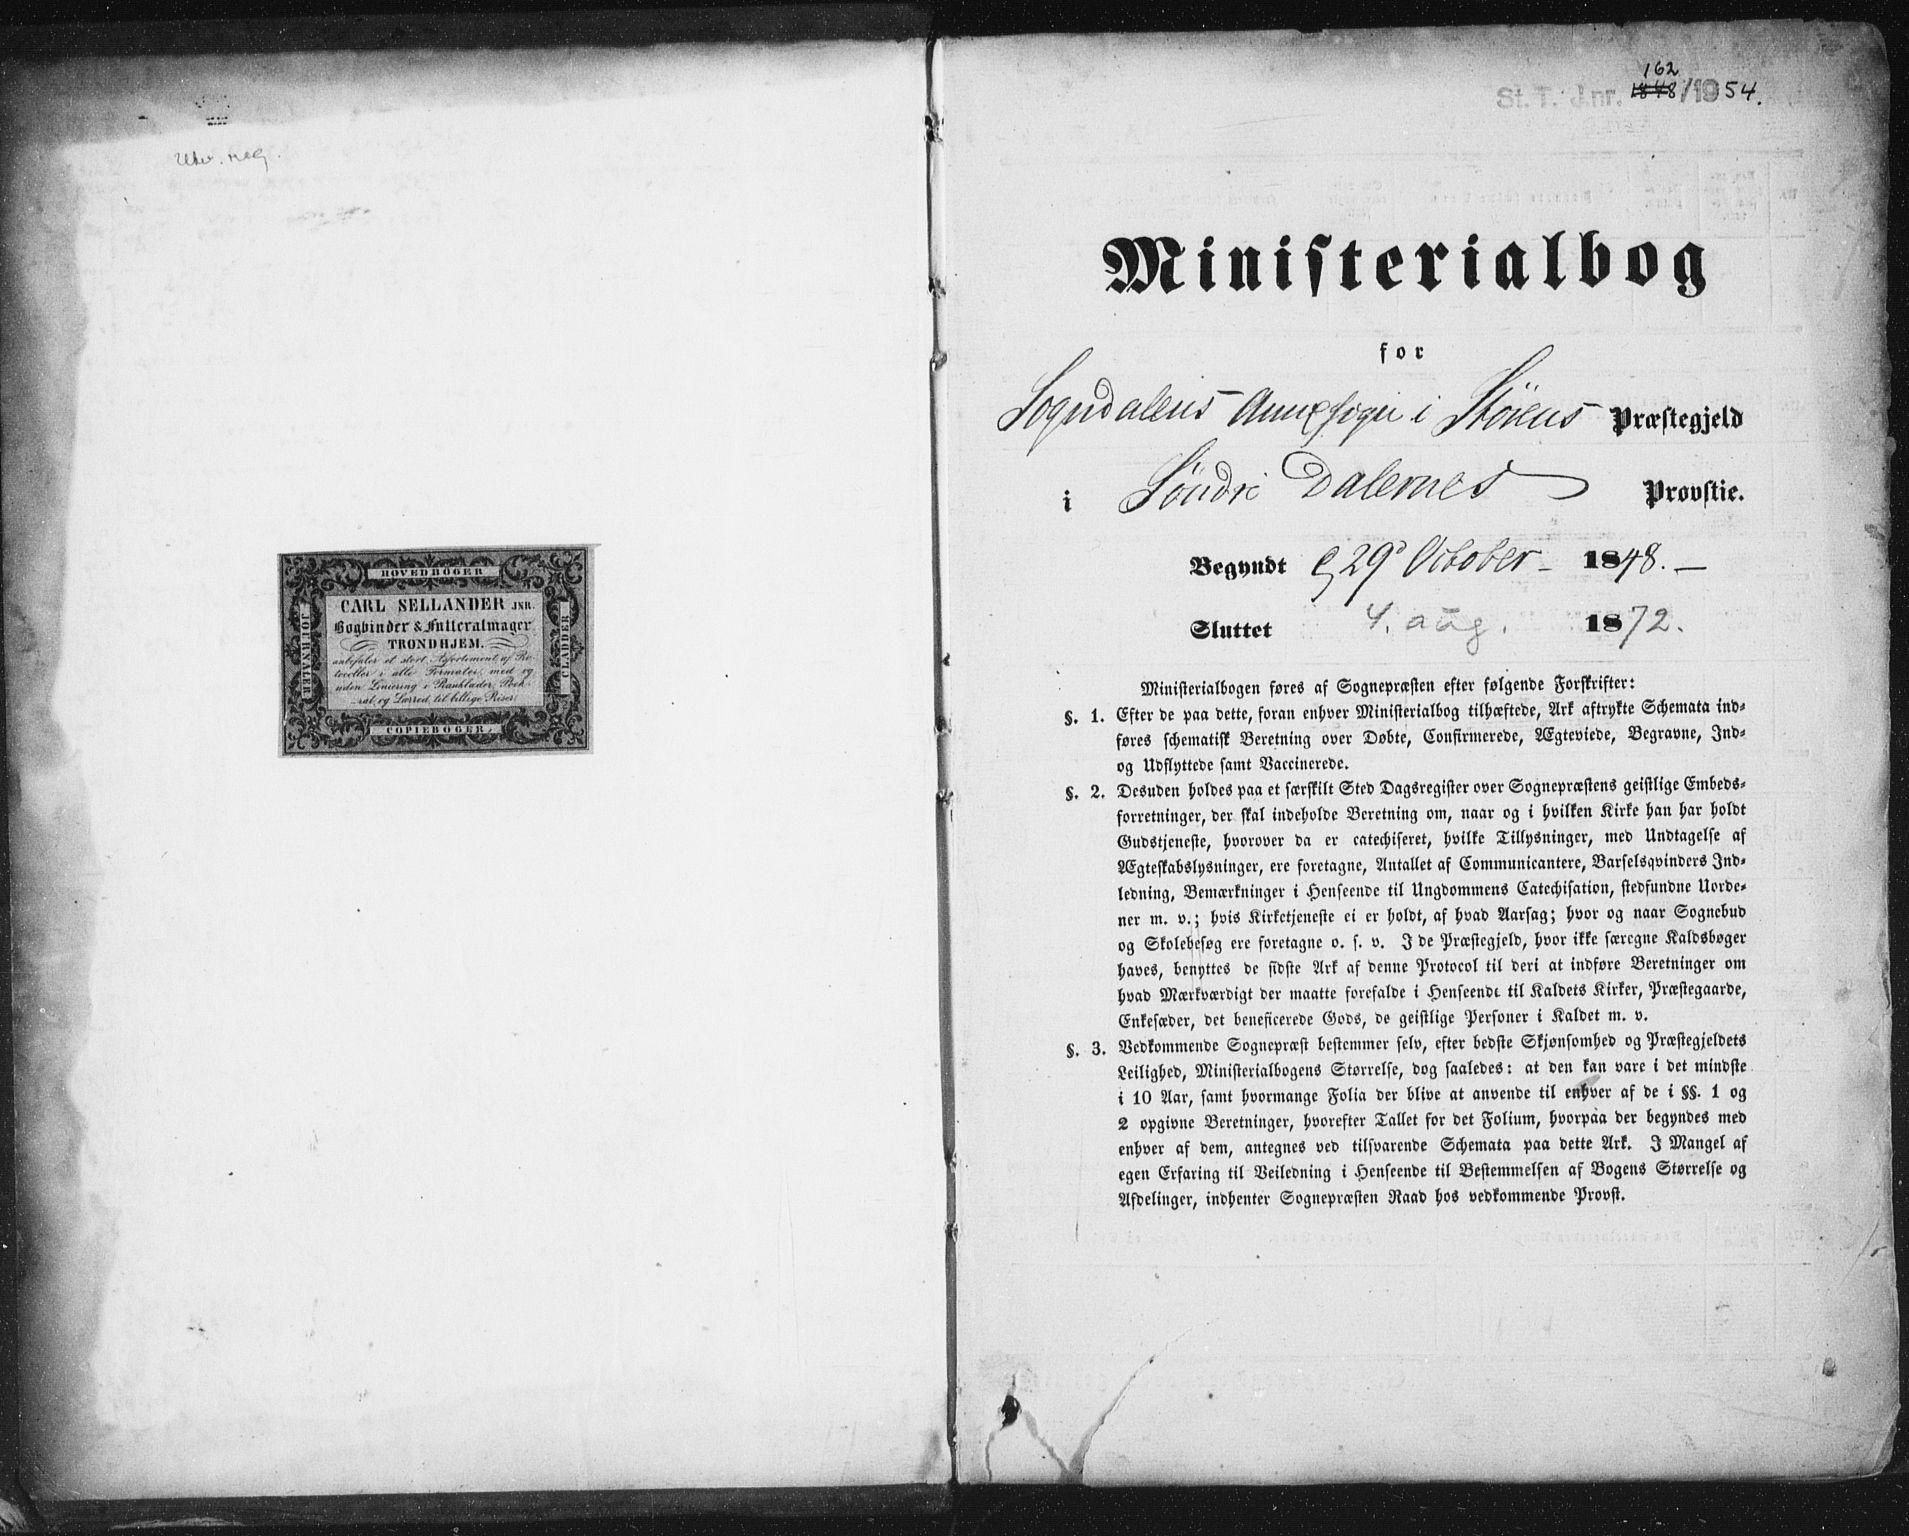 SAT, Ministerialprotokoller, klokkerbøker og fødselsregistre - Sør-Trøndelag, 689/L1038: Ministerialbok nr. 689A03, 1848-1872